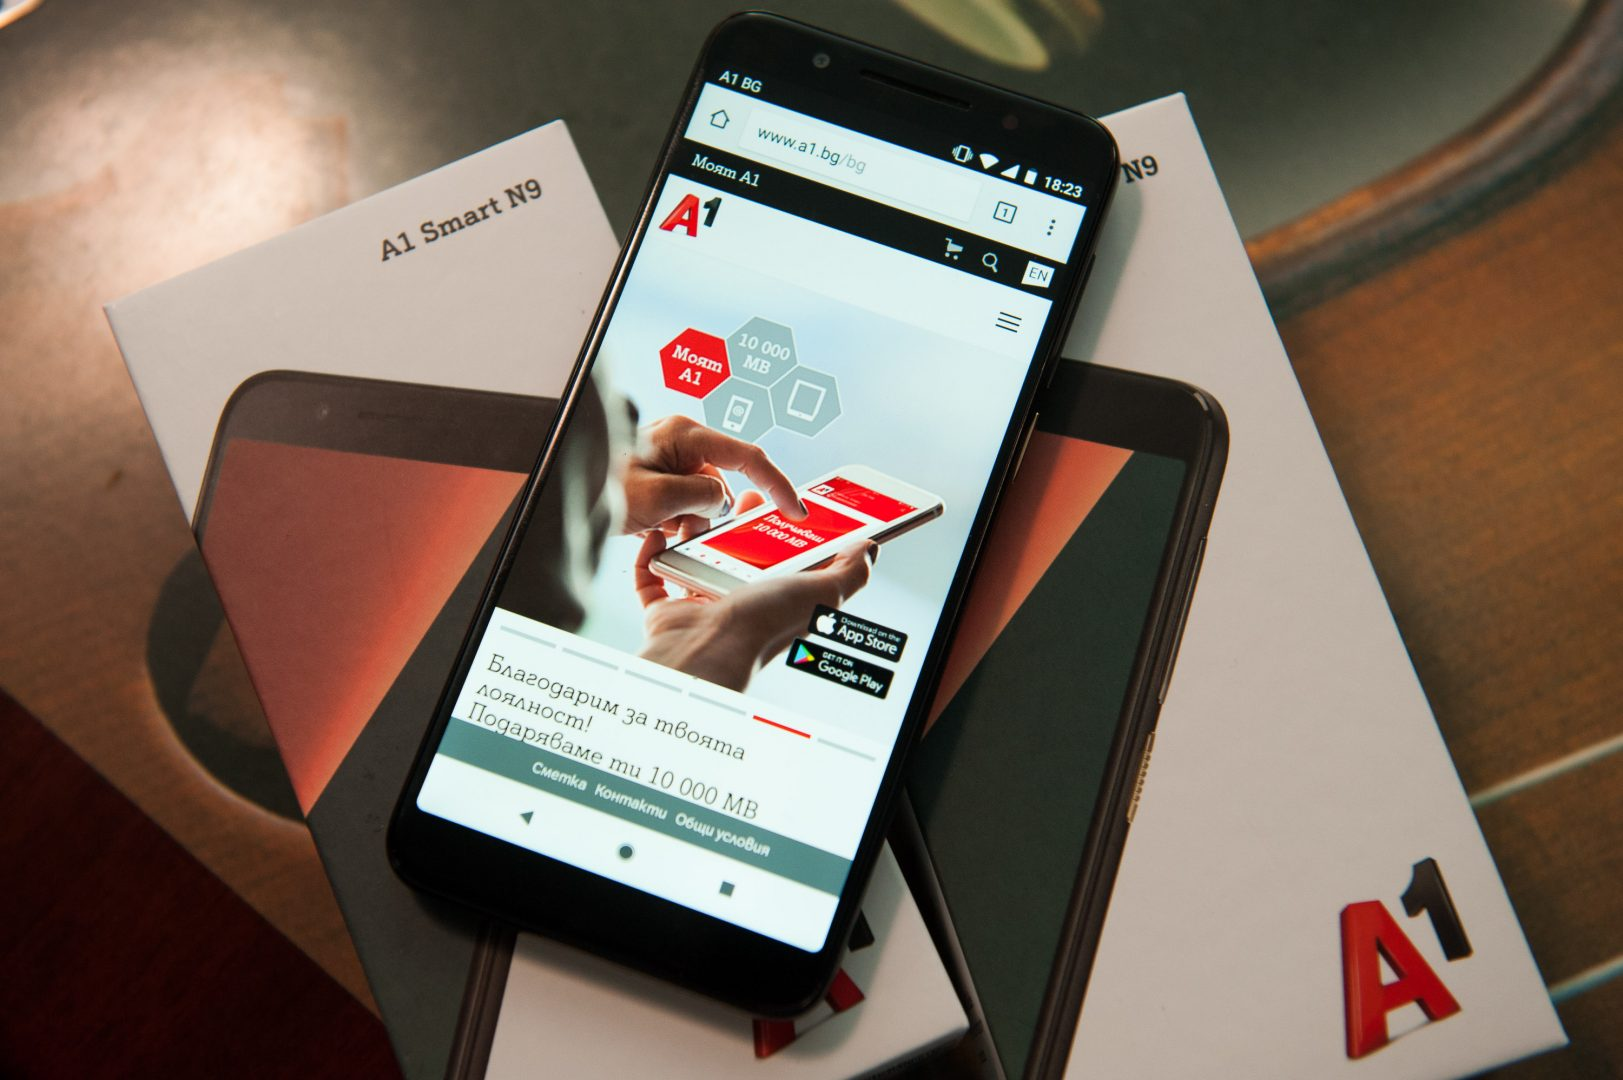 Представяме ви първият смартфон, разработен специално за нас – А1 Smart N9. Премиум дизайн на достъпна цена – с това A1 Smart N9 печели сърцата на още от пръв поглед. Моделът се отличава с изчистен дизайн, който съчетава стъклен корпус със златисти елементи.